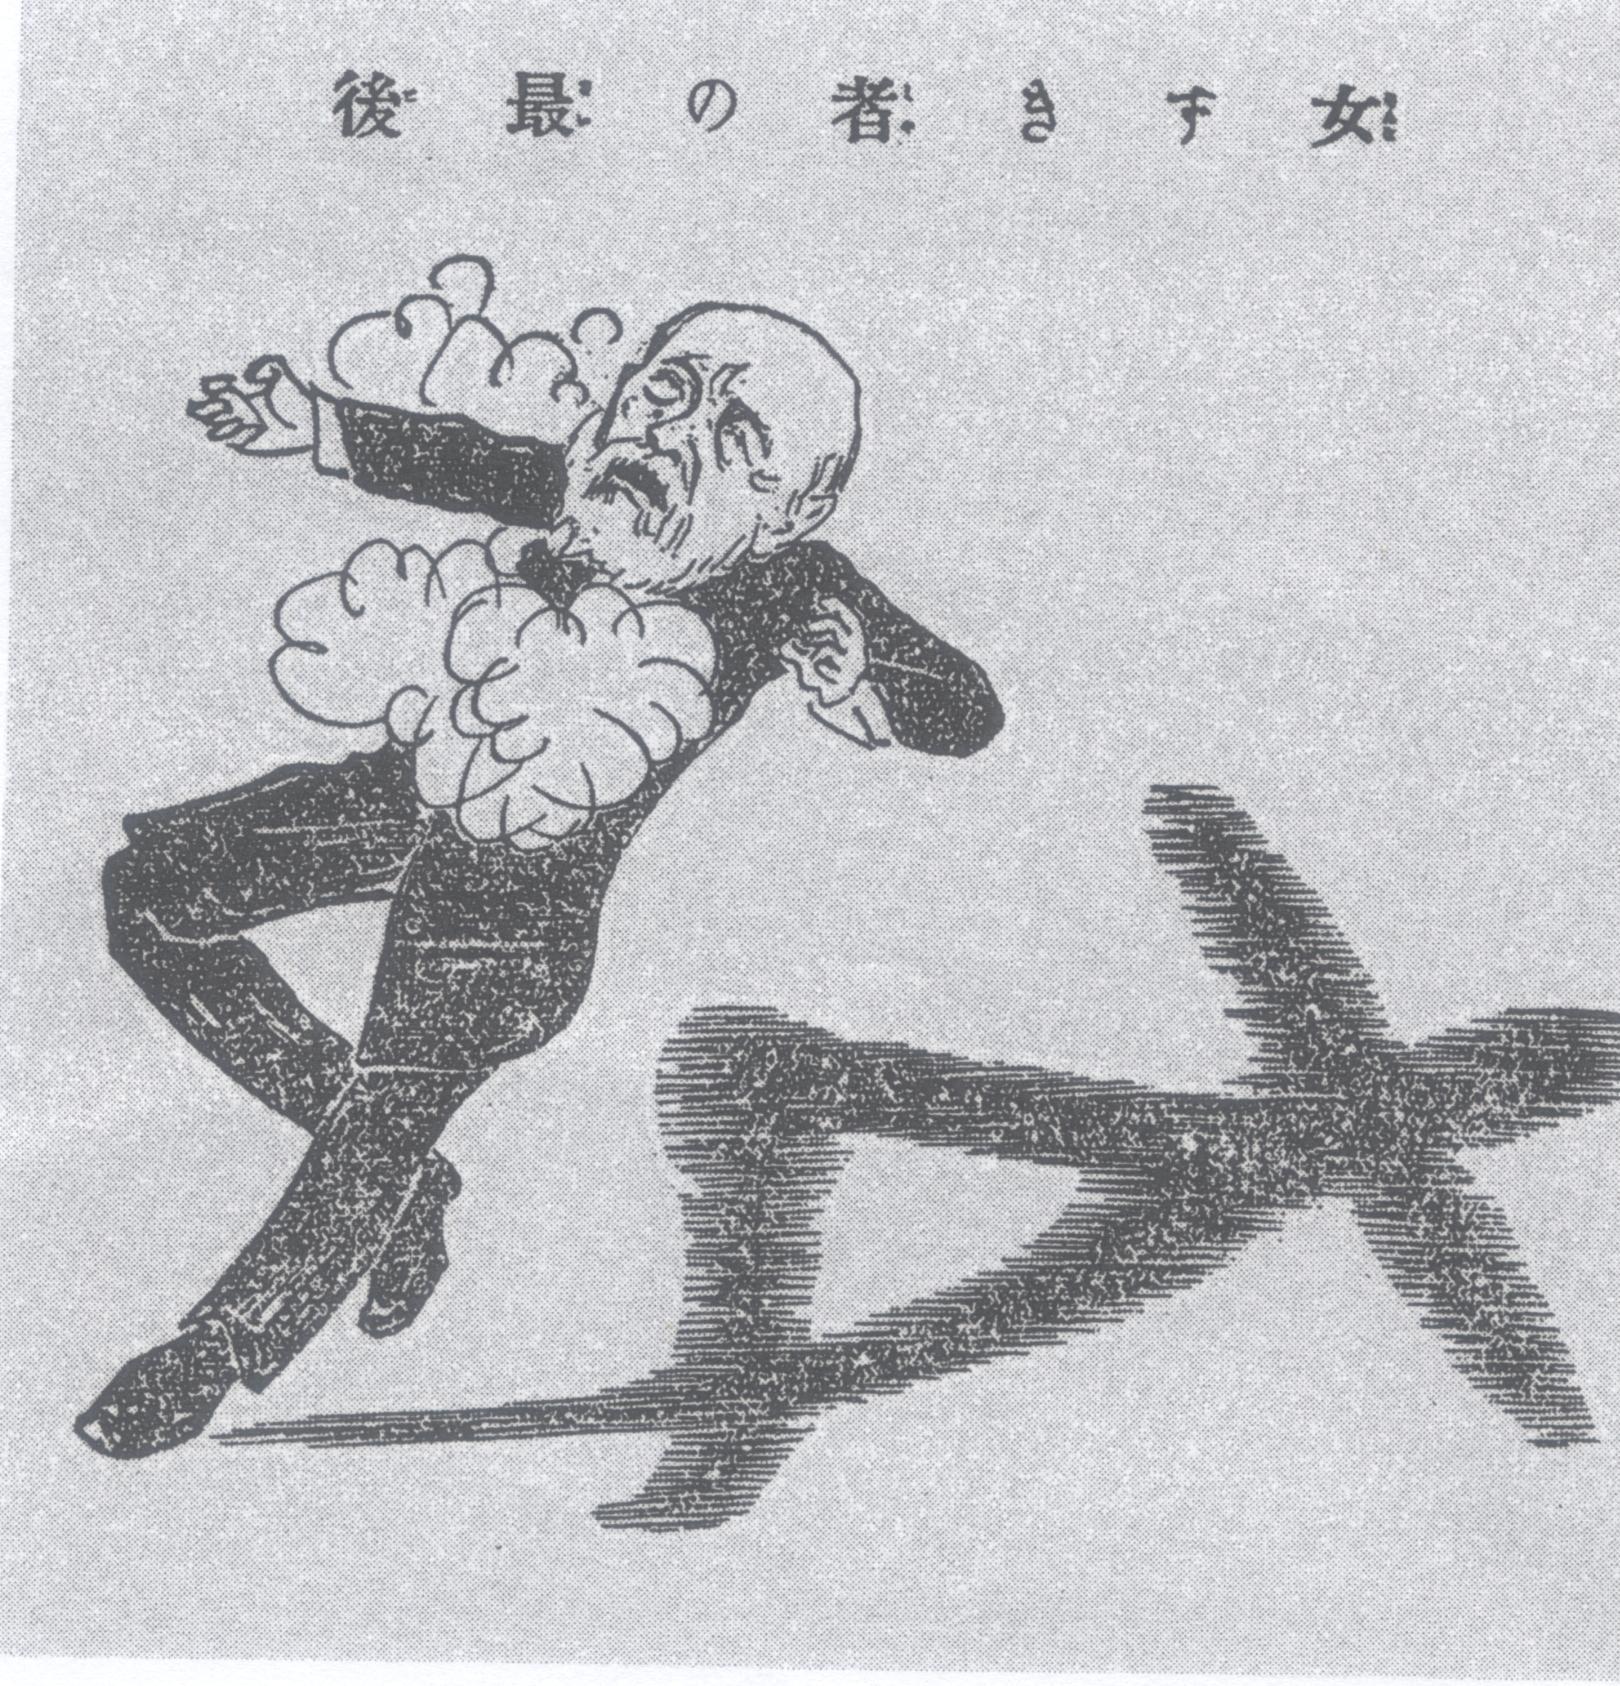 博文 伊藤